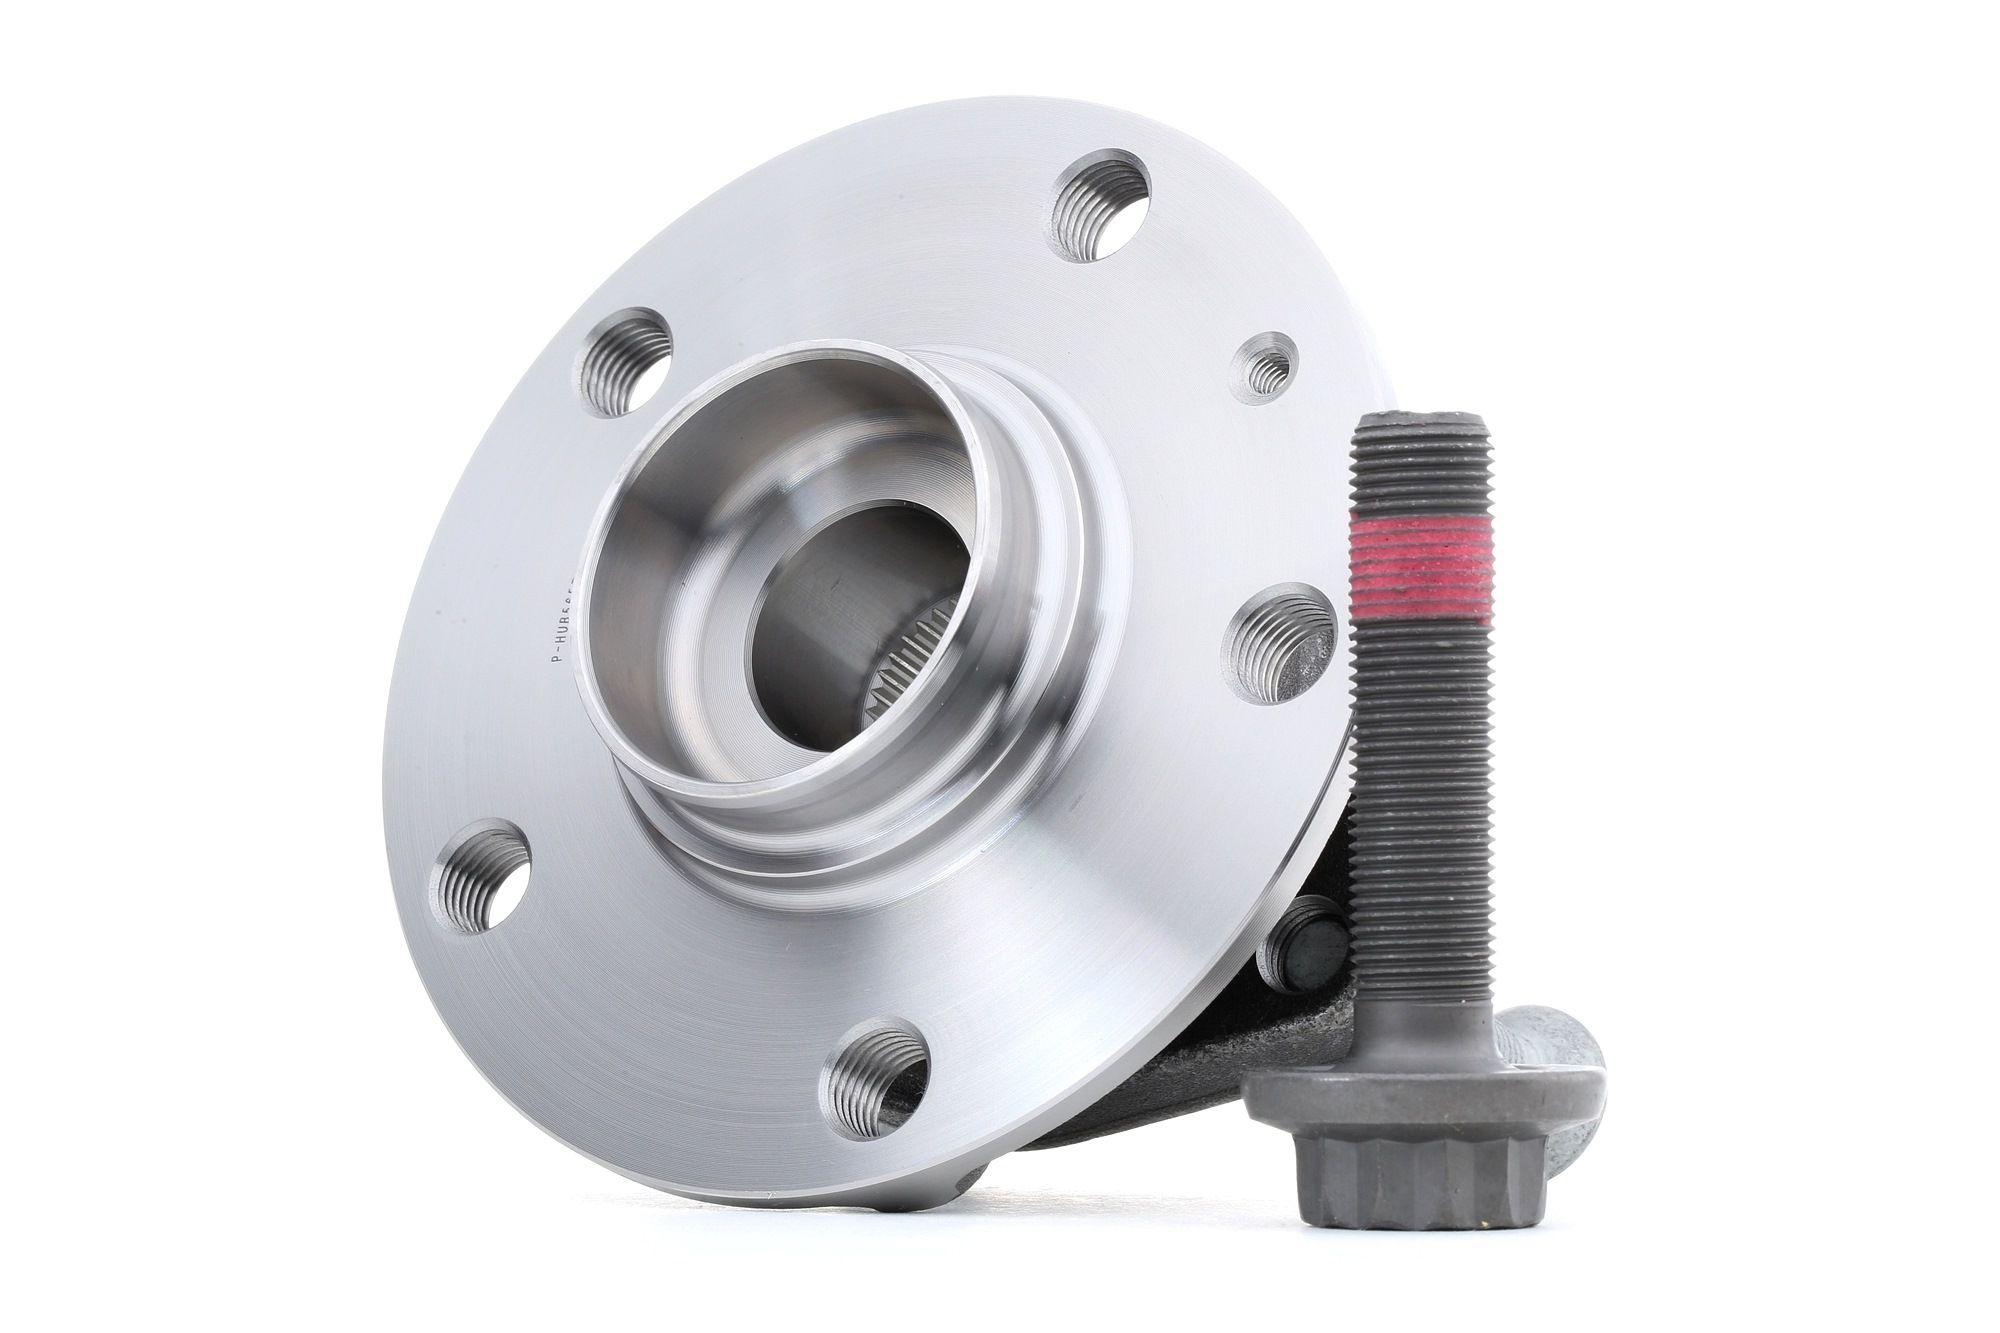 Pieces detachees VOLKSWAGEN TIGUAN 2013 : Kit de roulement de roue SNR R154.61 - Achetez tout de suite!